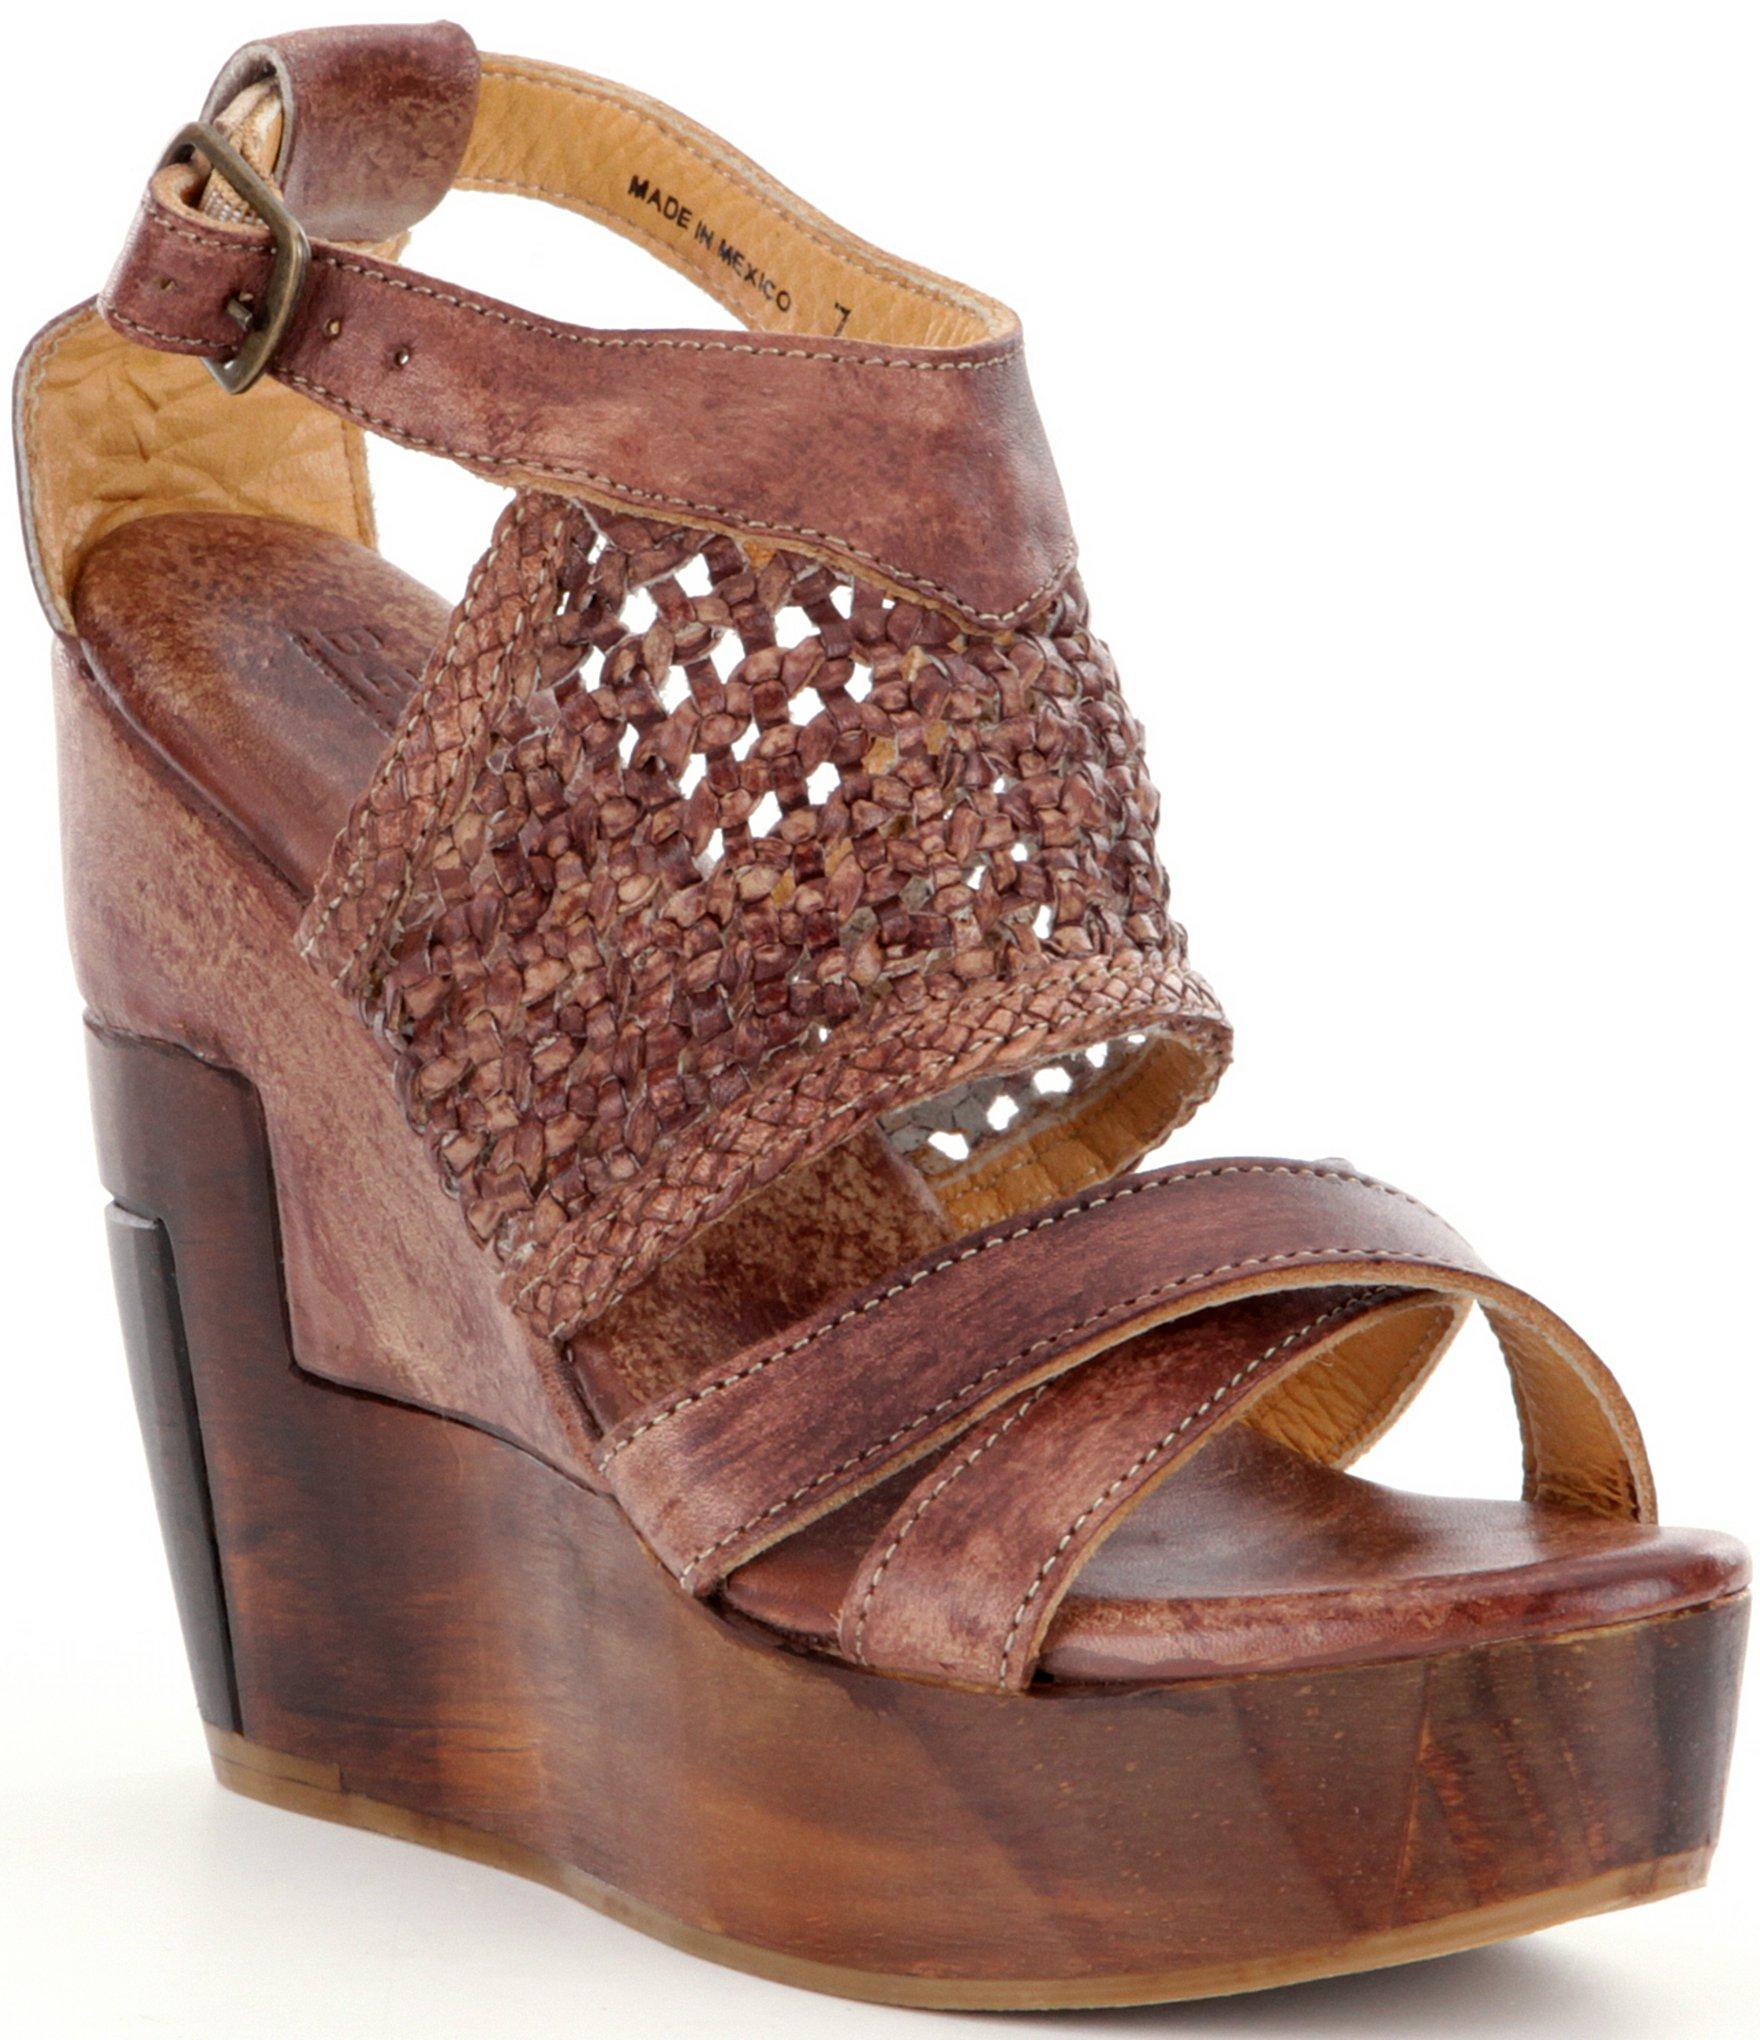 b73492b3e996 Lyst - Bed Stu Petra Wedge Sandals in Brown